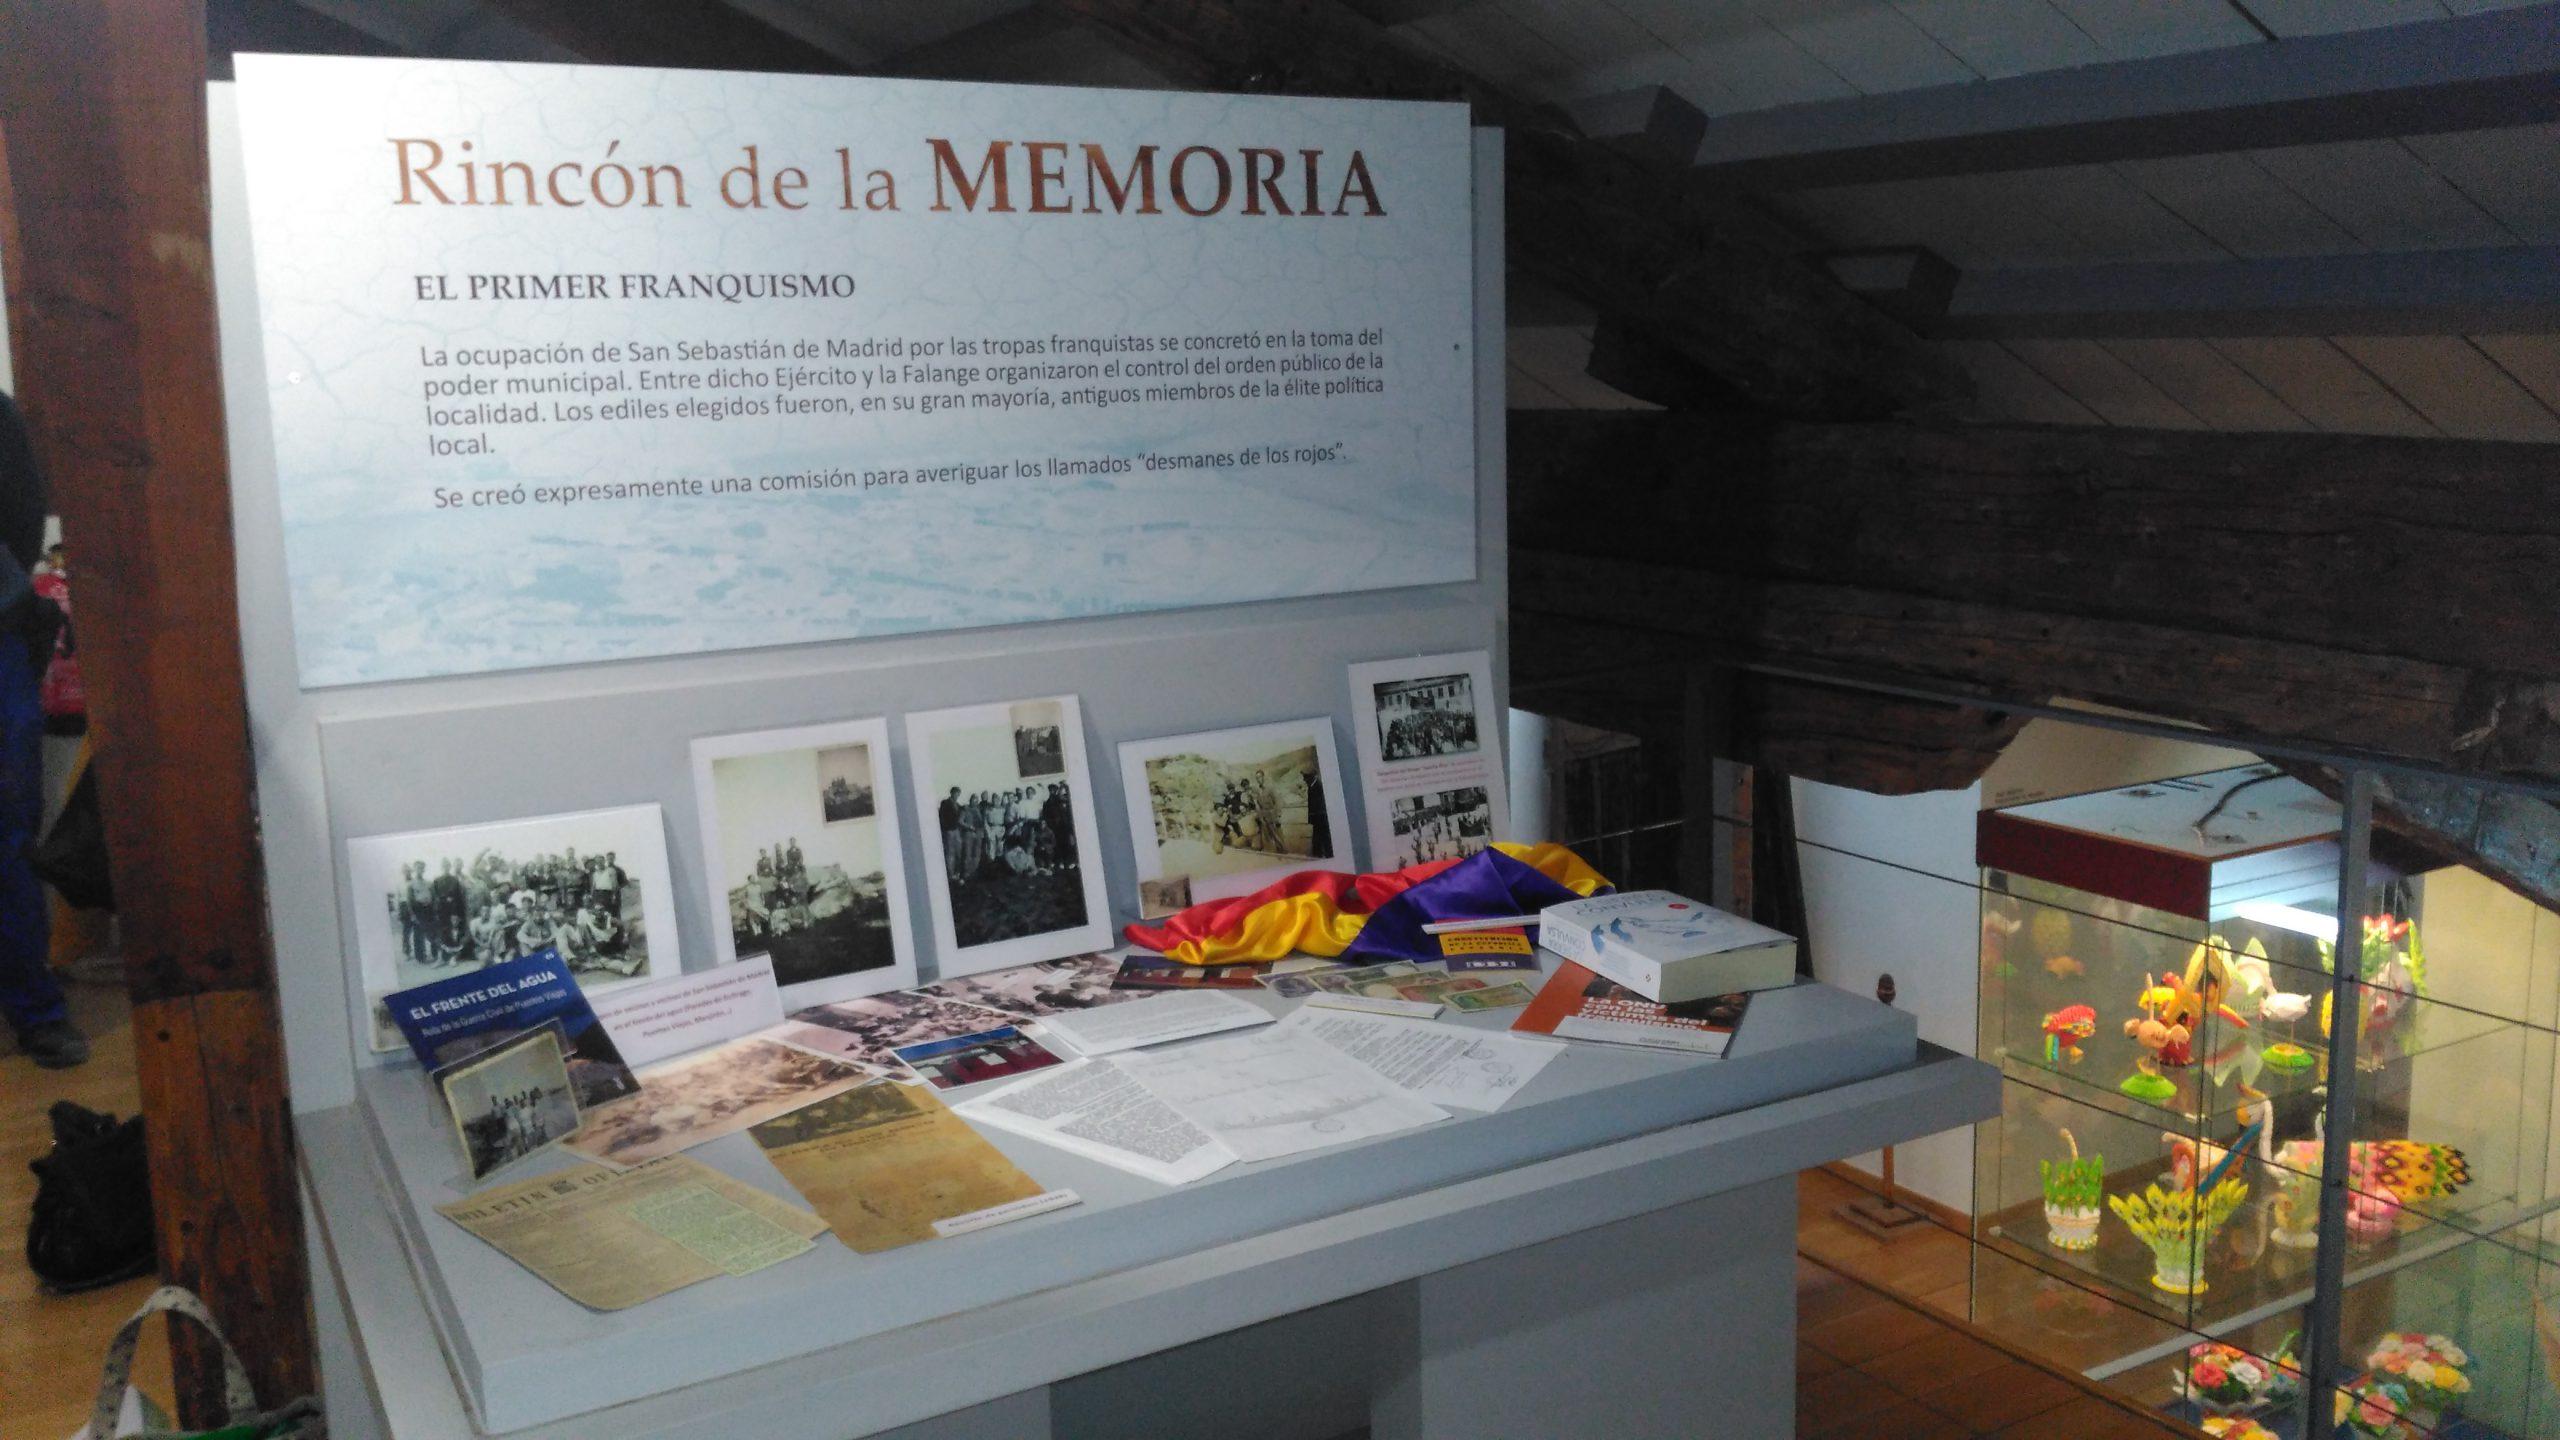 Rincón de la Memoria